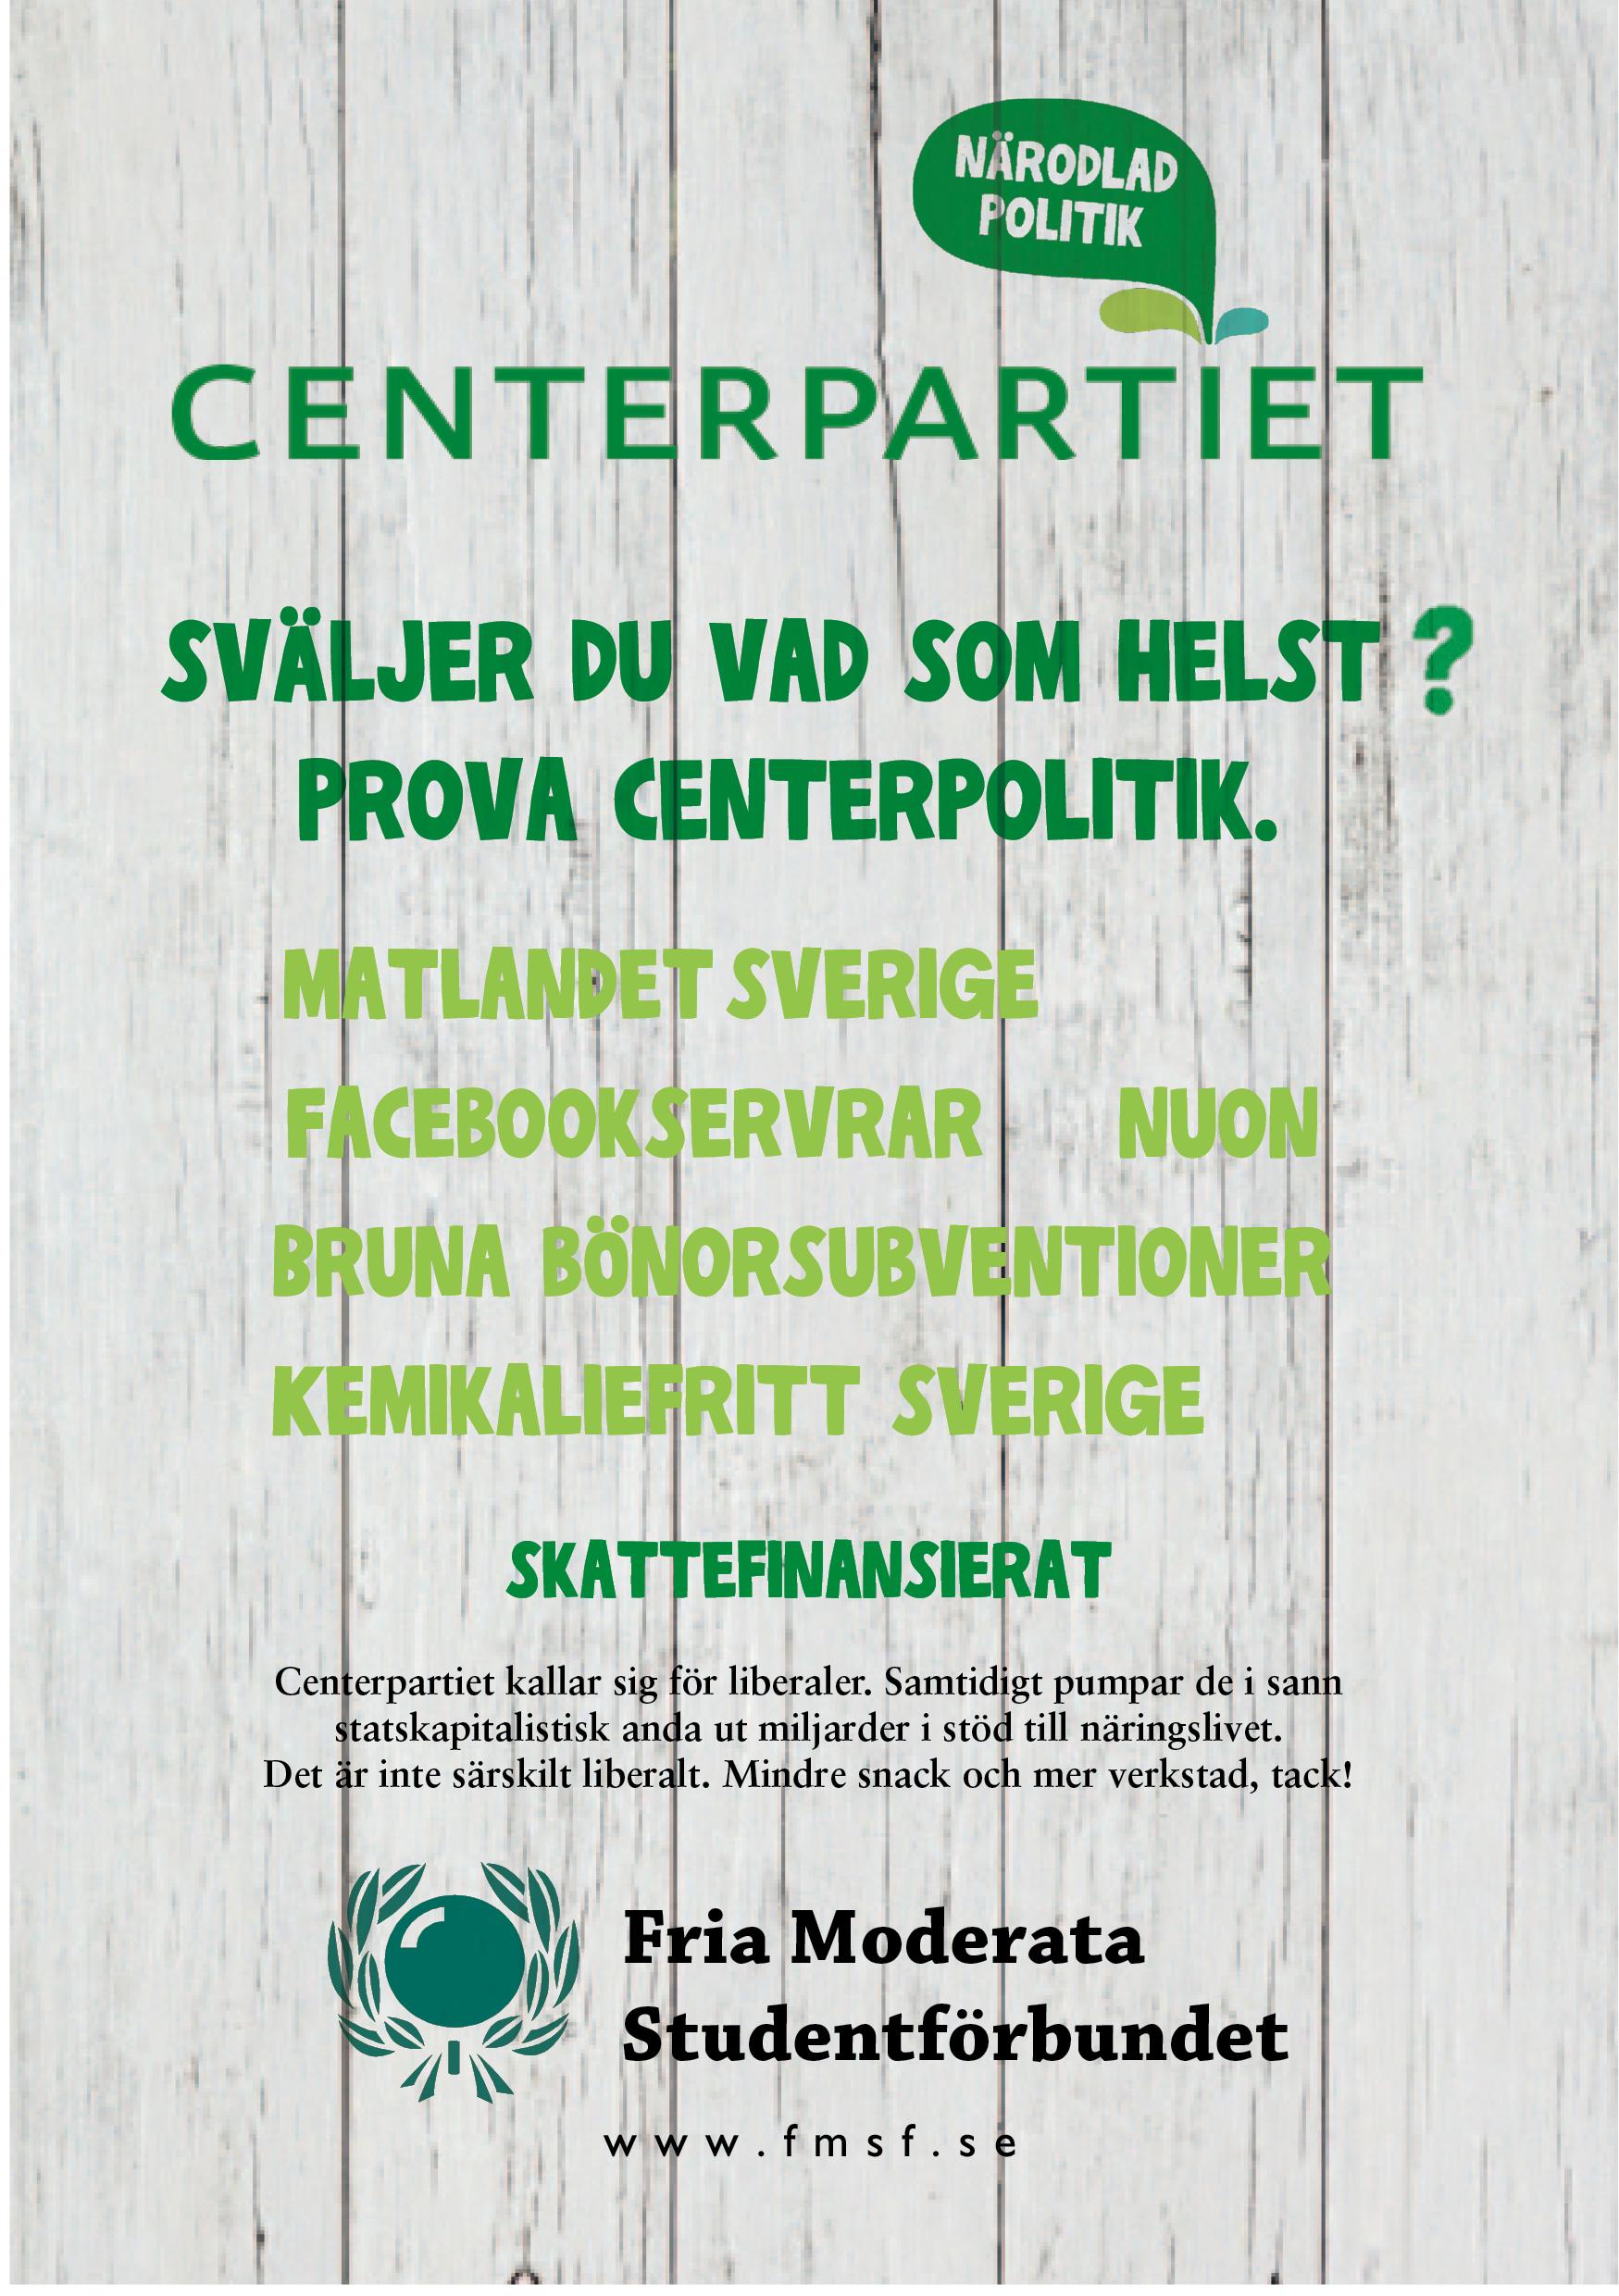 Dagens flygblad: Centerpartiet statskapitalisterna